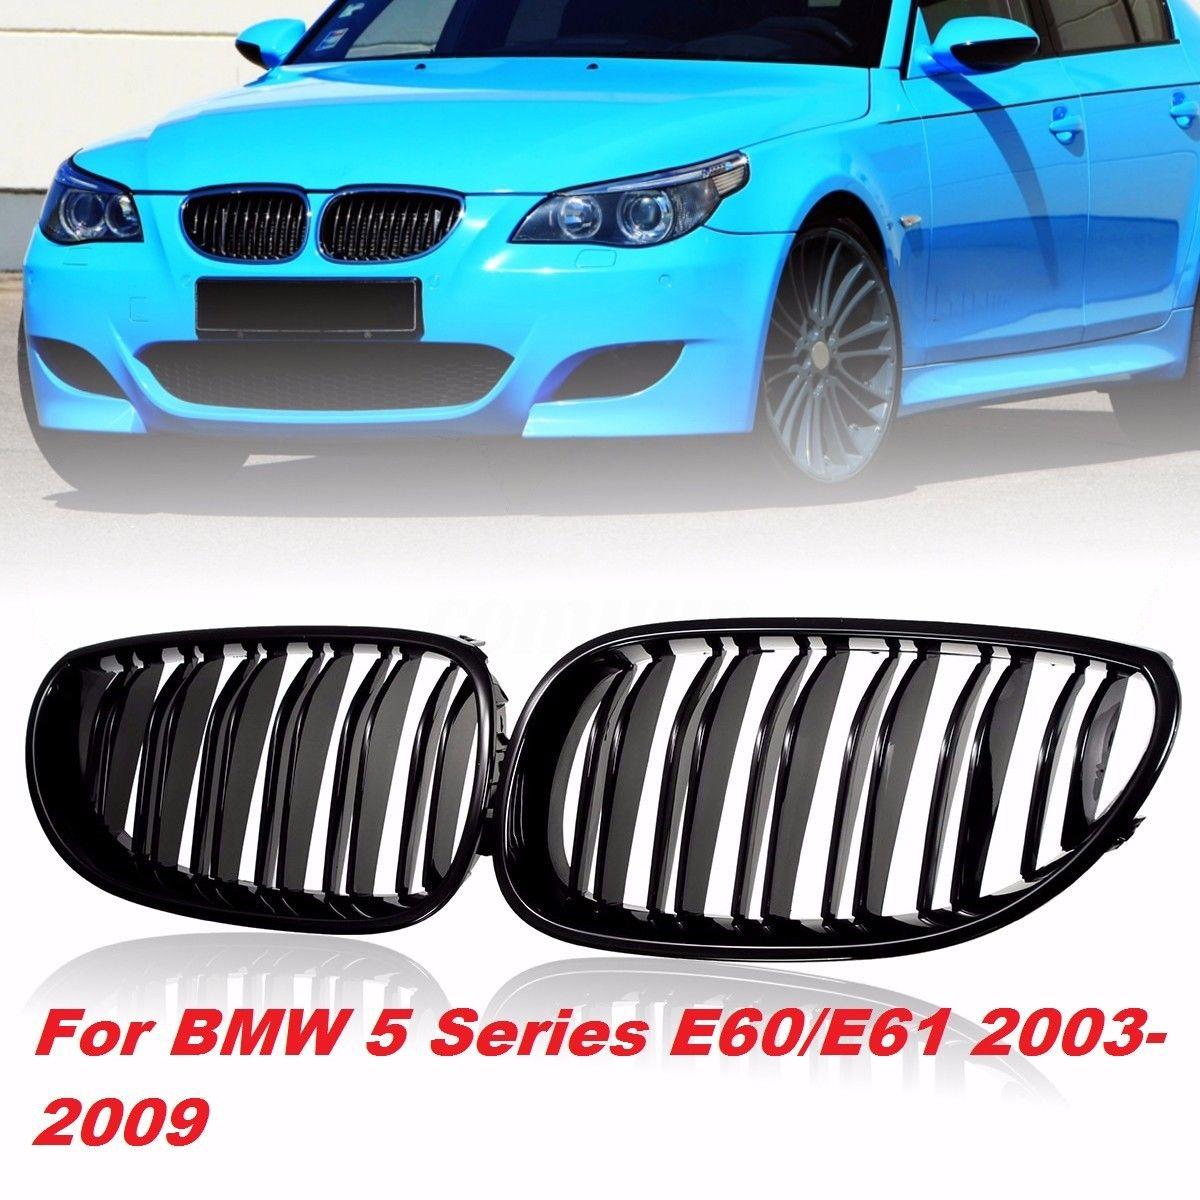 Grille de rein avant en plastique ABS pour BMW Grille Double ligne pour BMW E60 E61 série 5 2003-2010